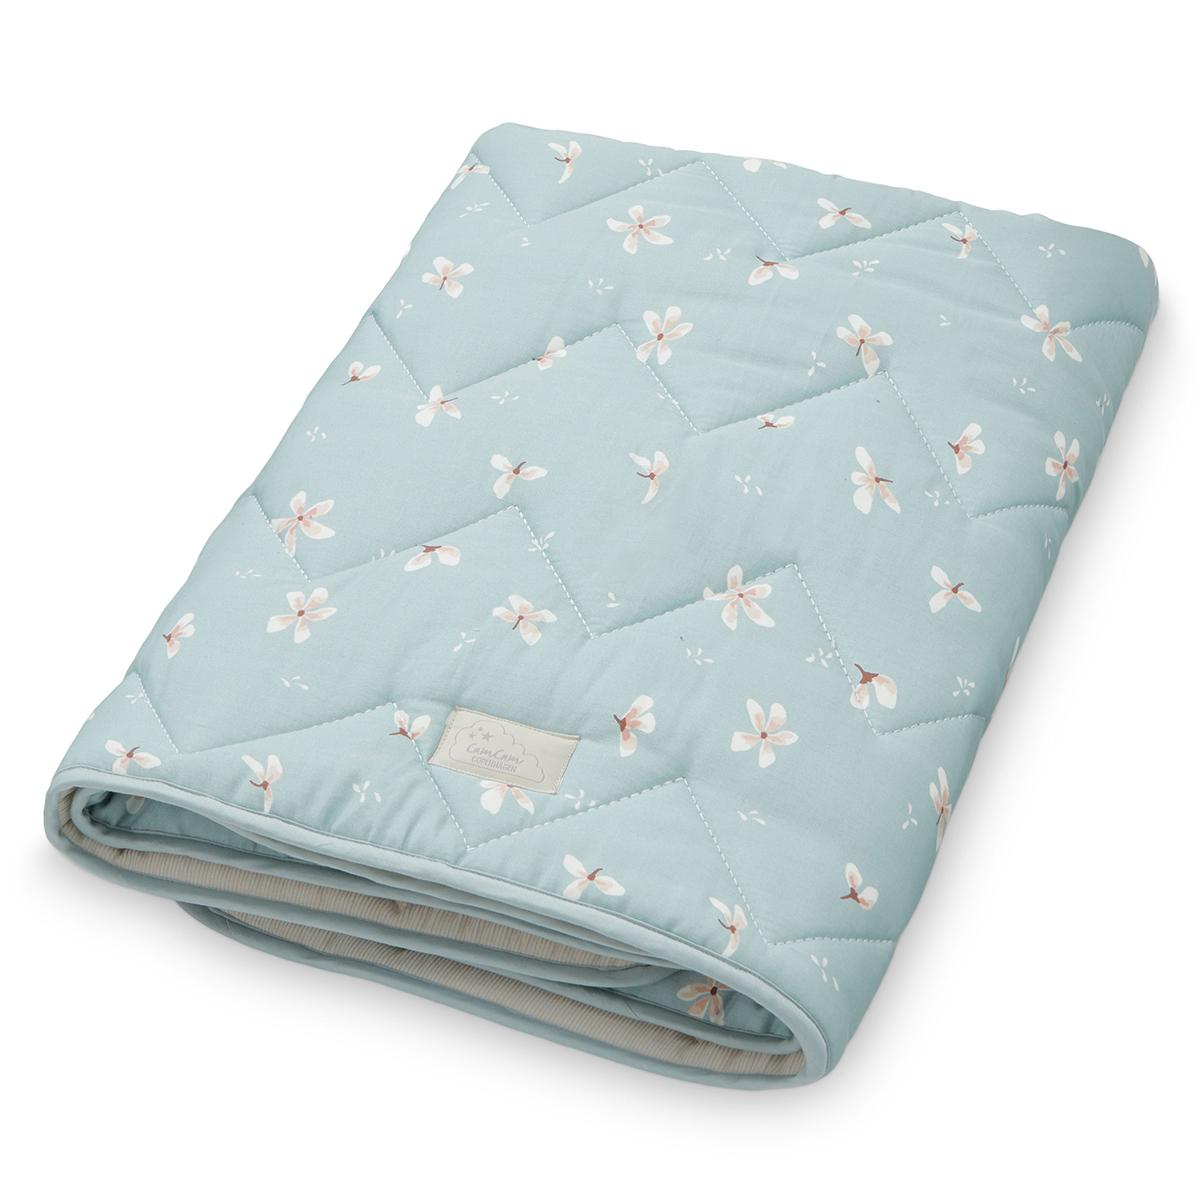 Linge de lit Couverture - Windflower Blue Couverture - Windflower Blue